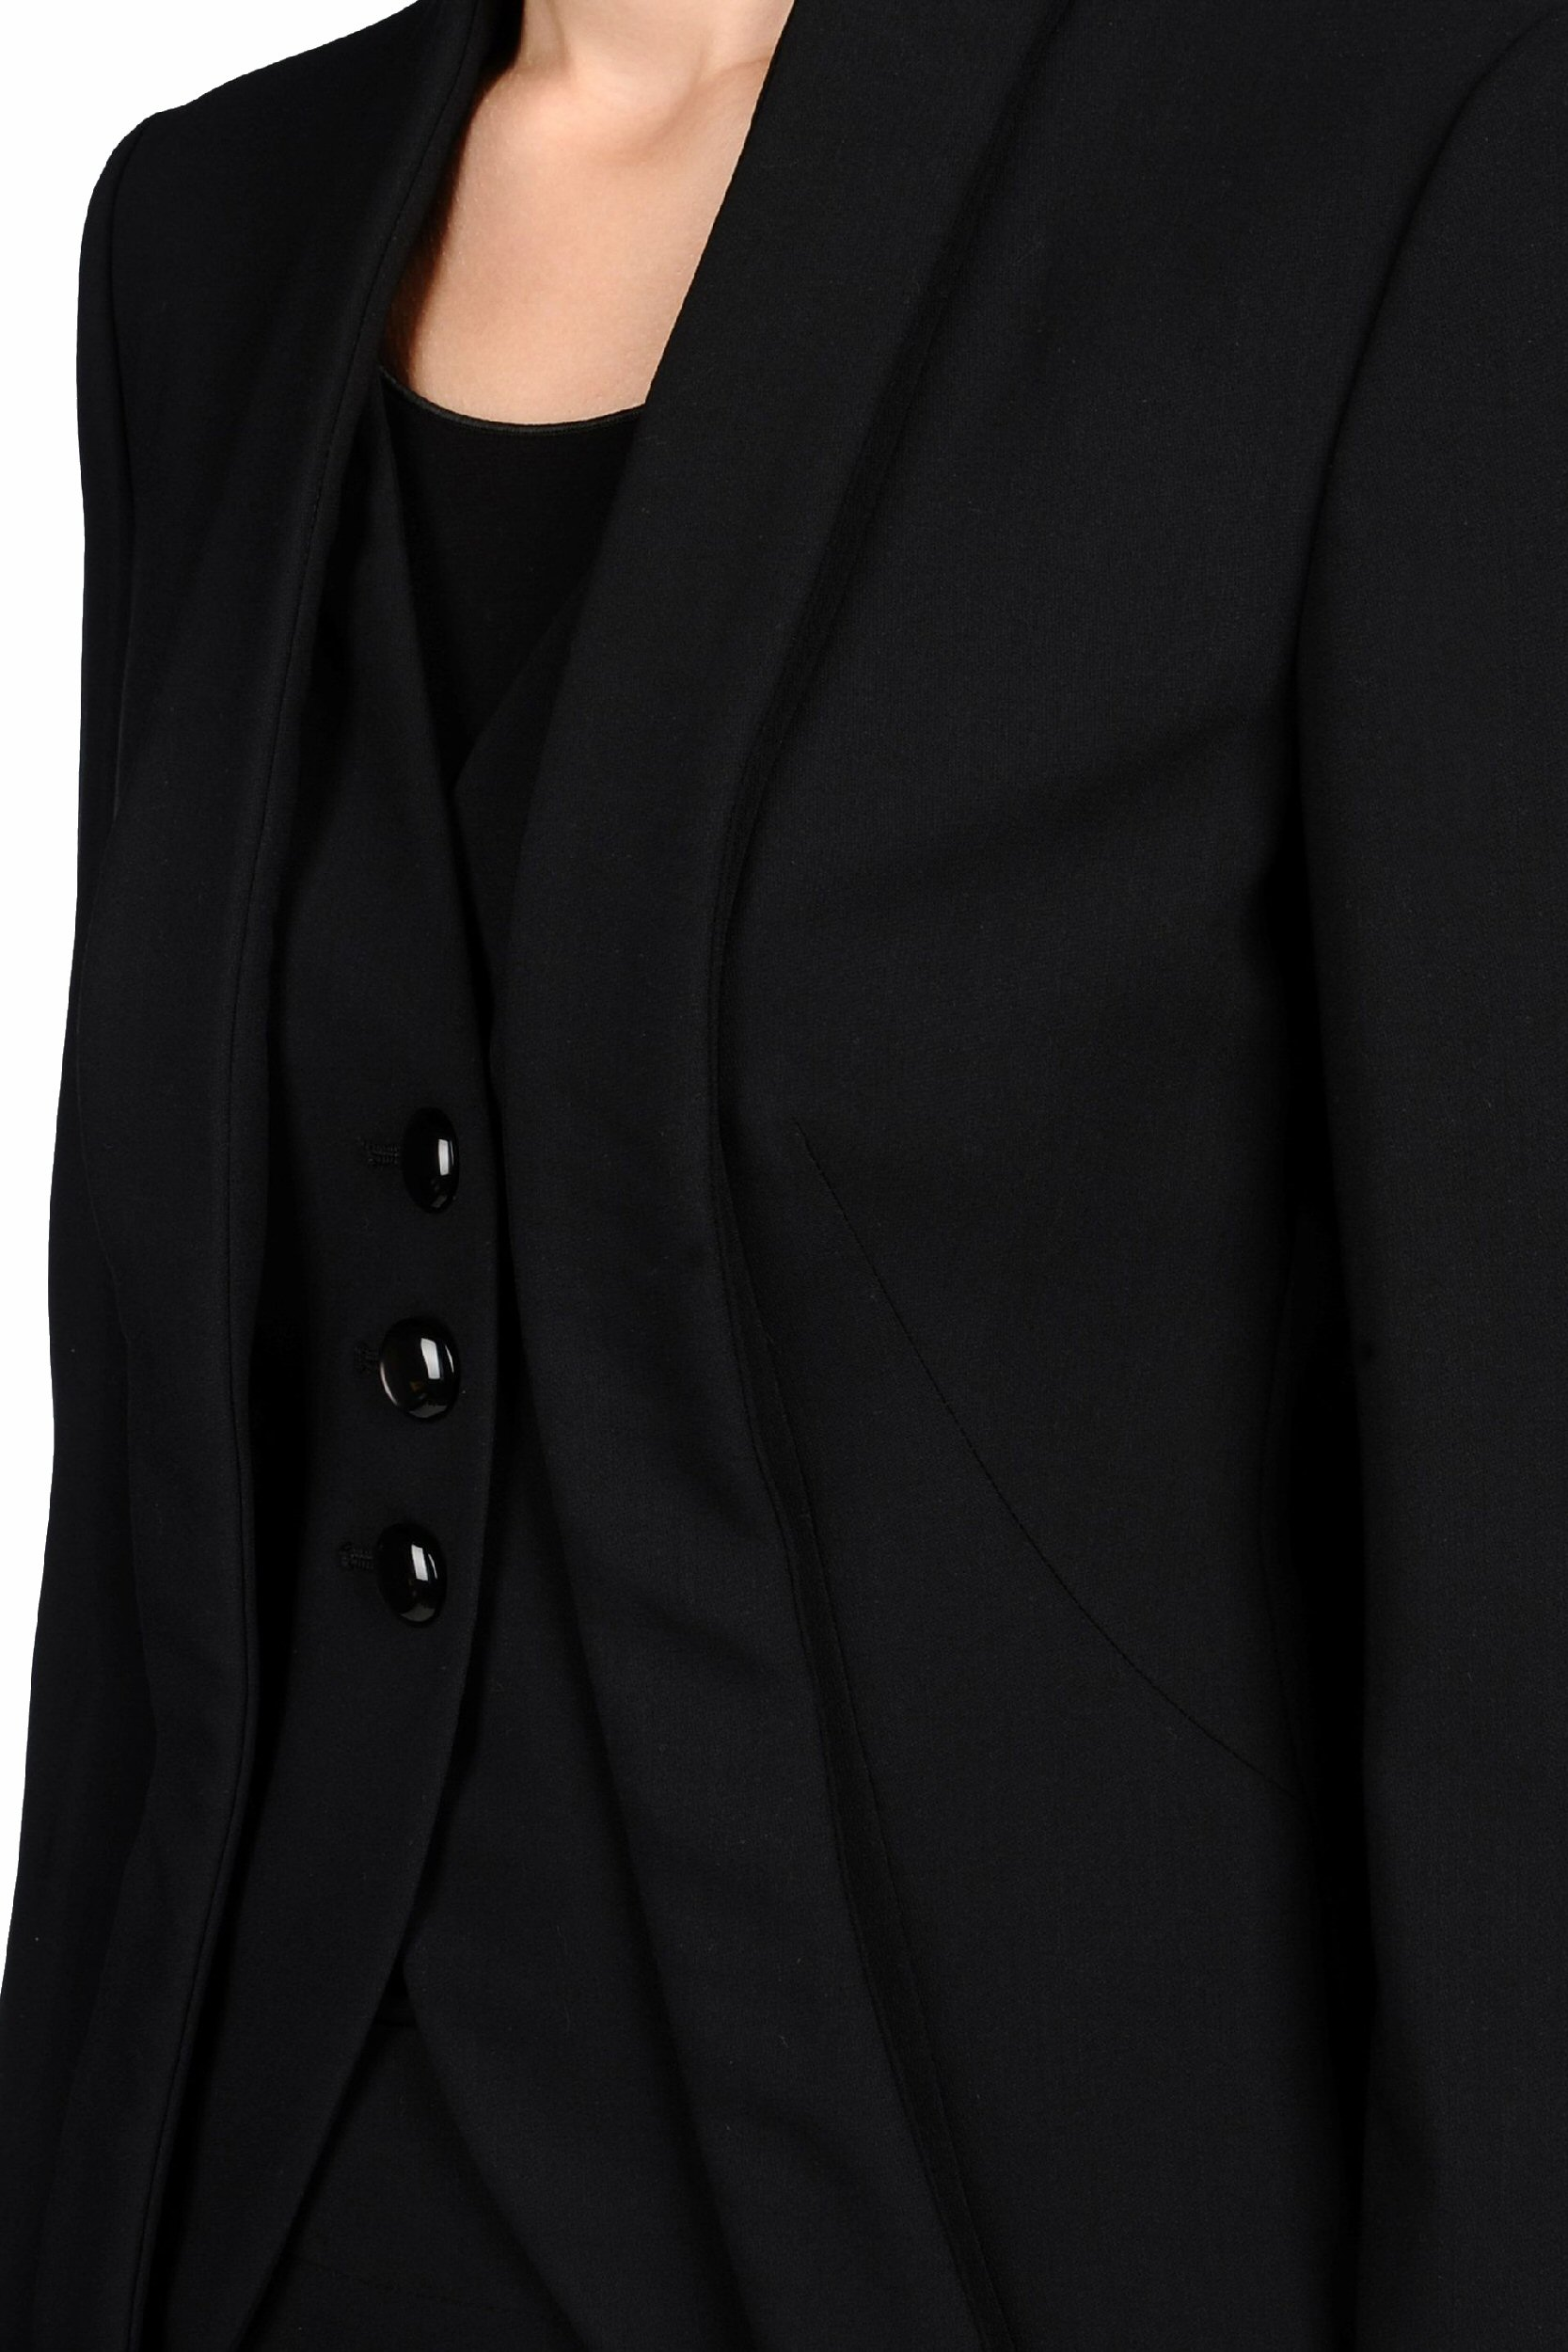 Armani Workwear 16-32